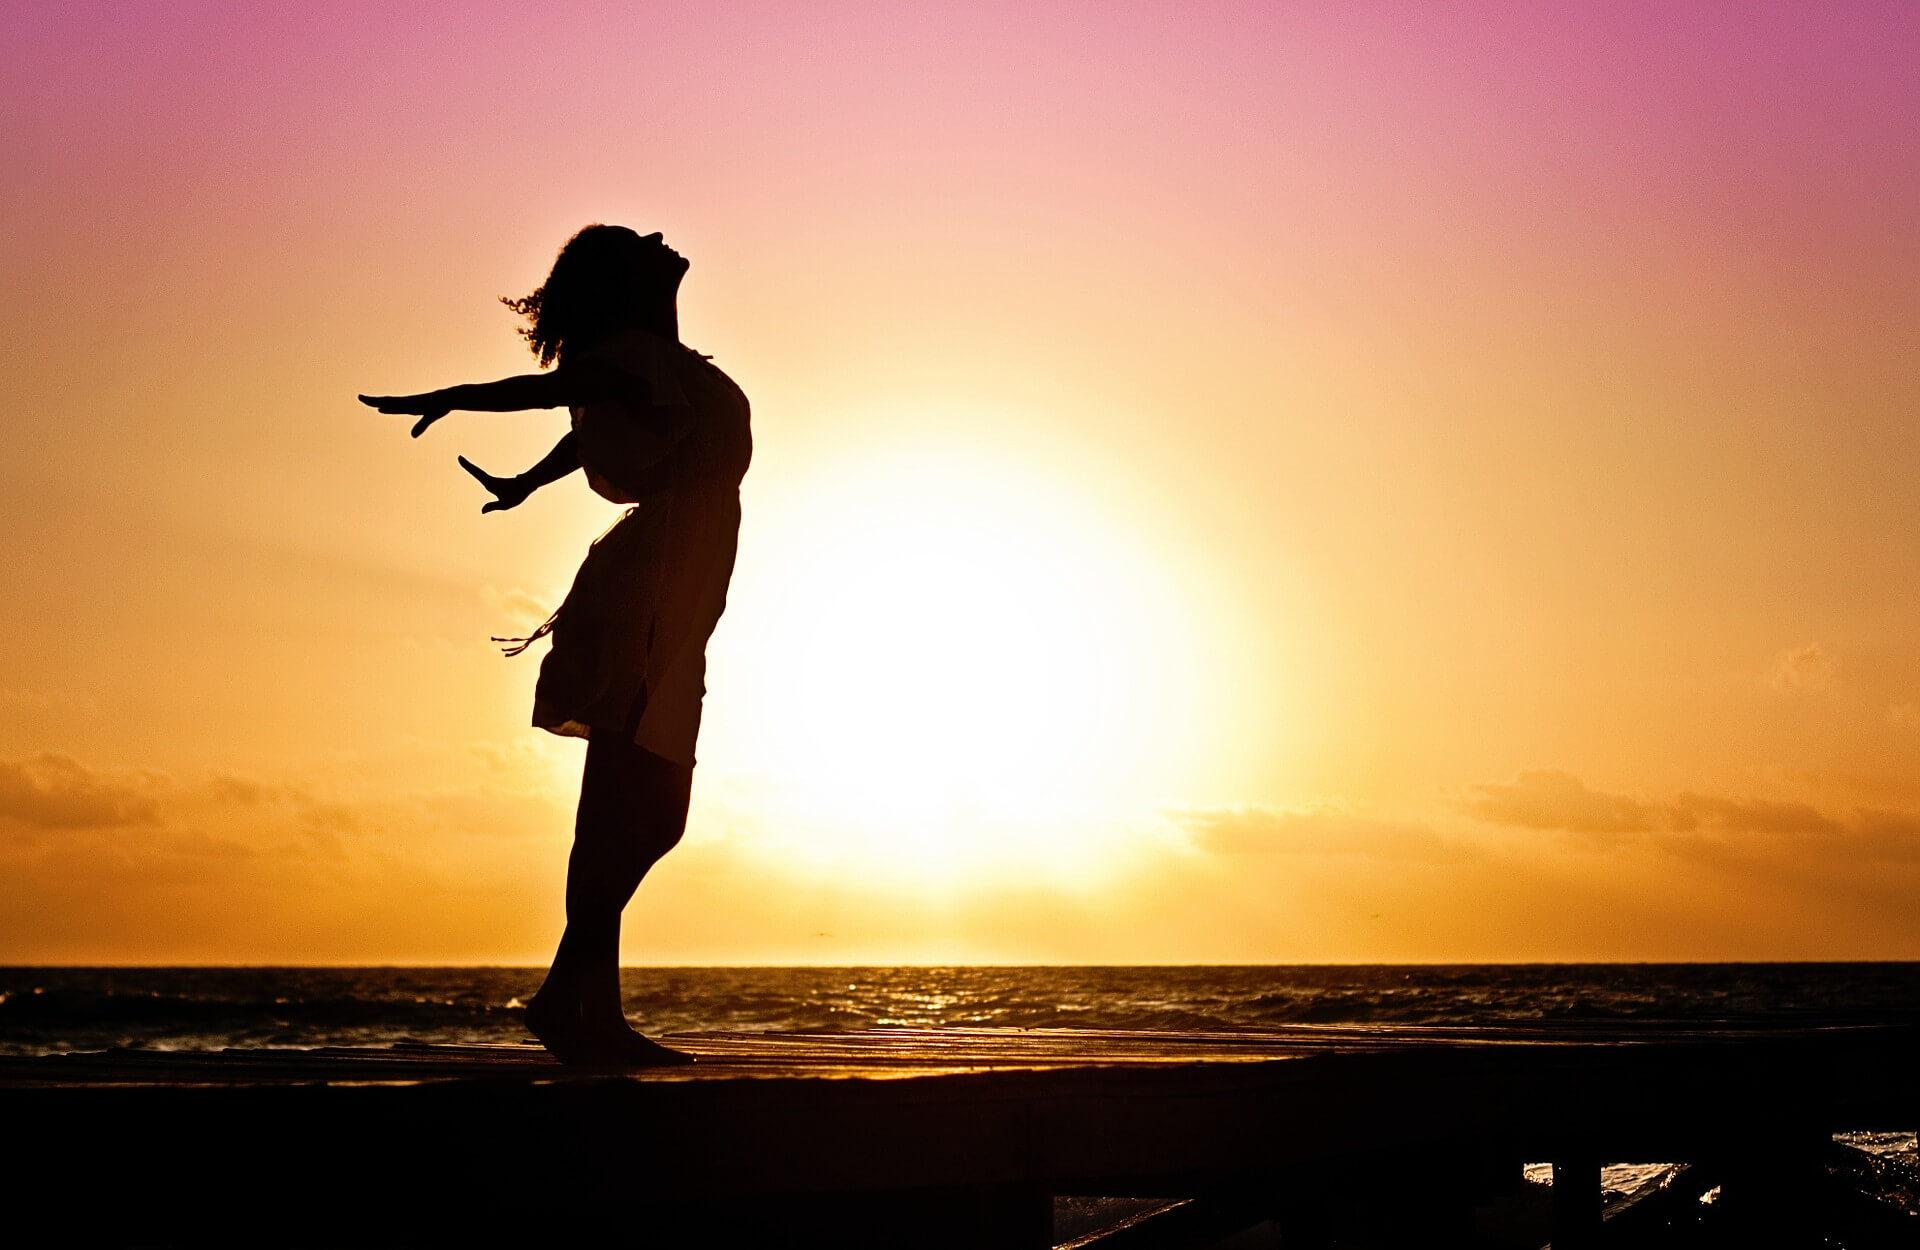 Unsere 7 Tipps zeigen euch, was zu beachten ist, damit ihr richtig atmen könnt. Viel Spaß.